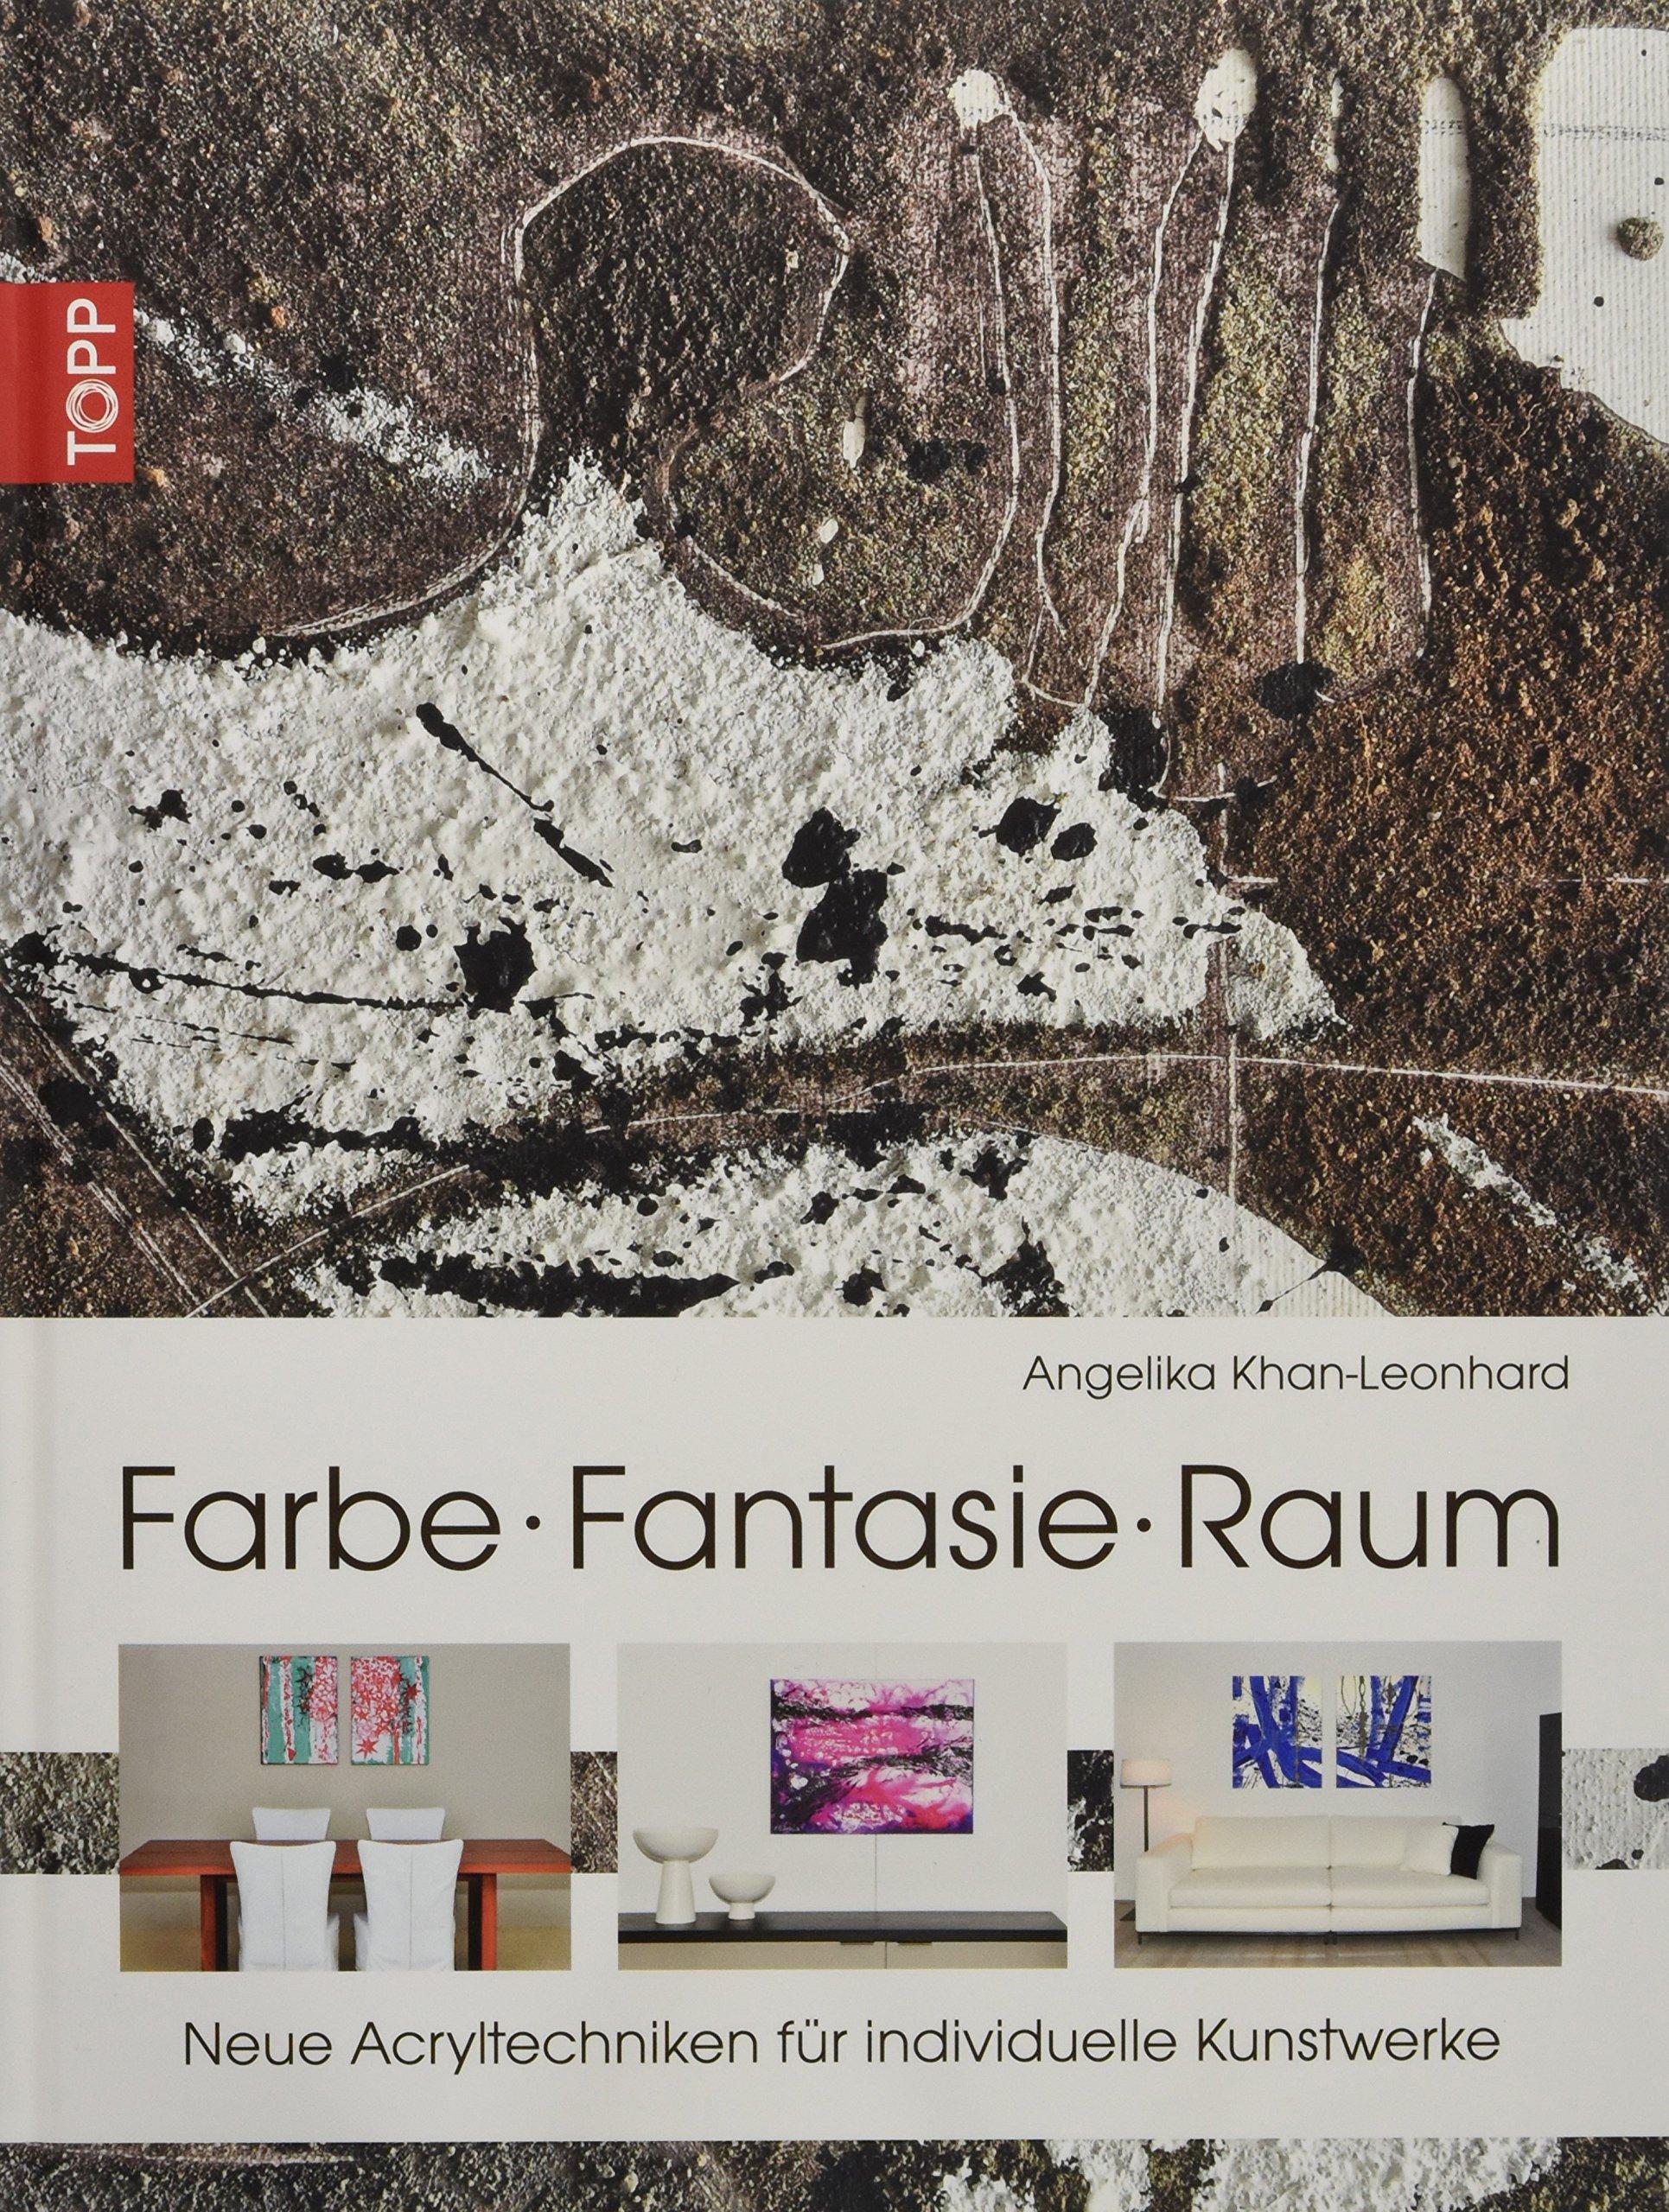 Farbe. Fantasie. Raum: Neue Acryltechniken für individuelle Kunstwerke